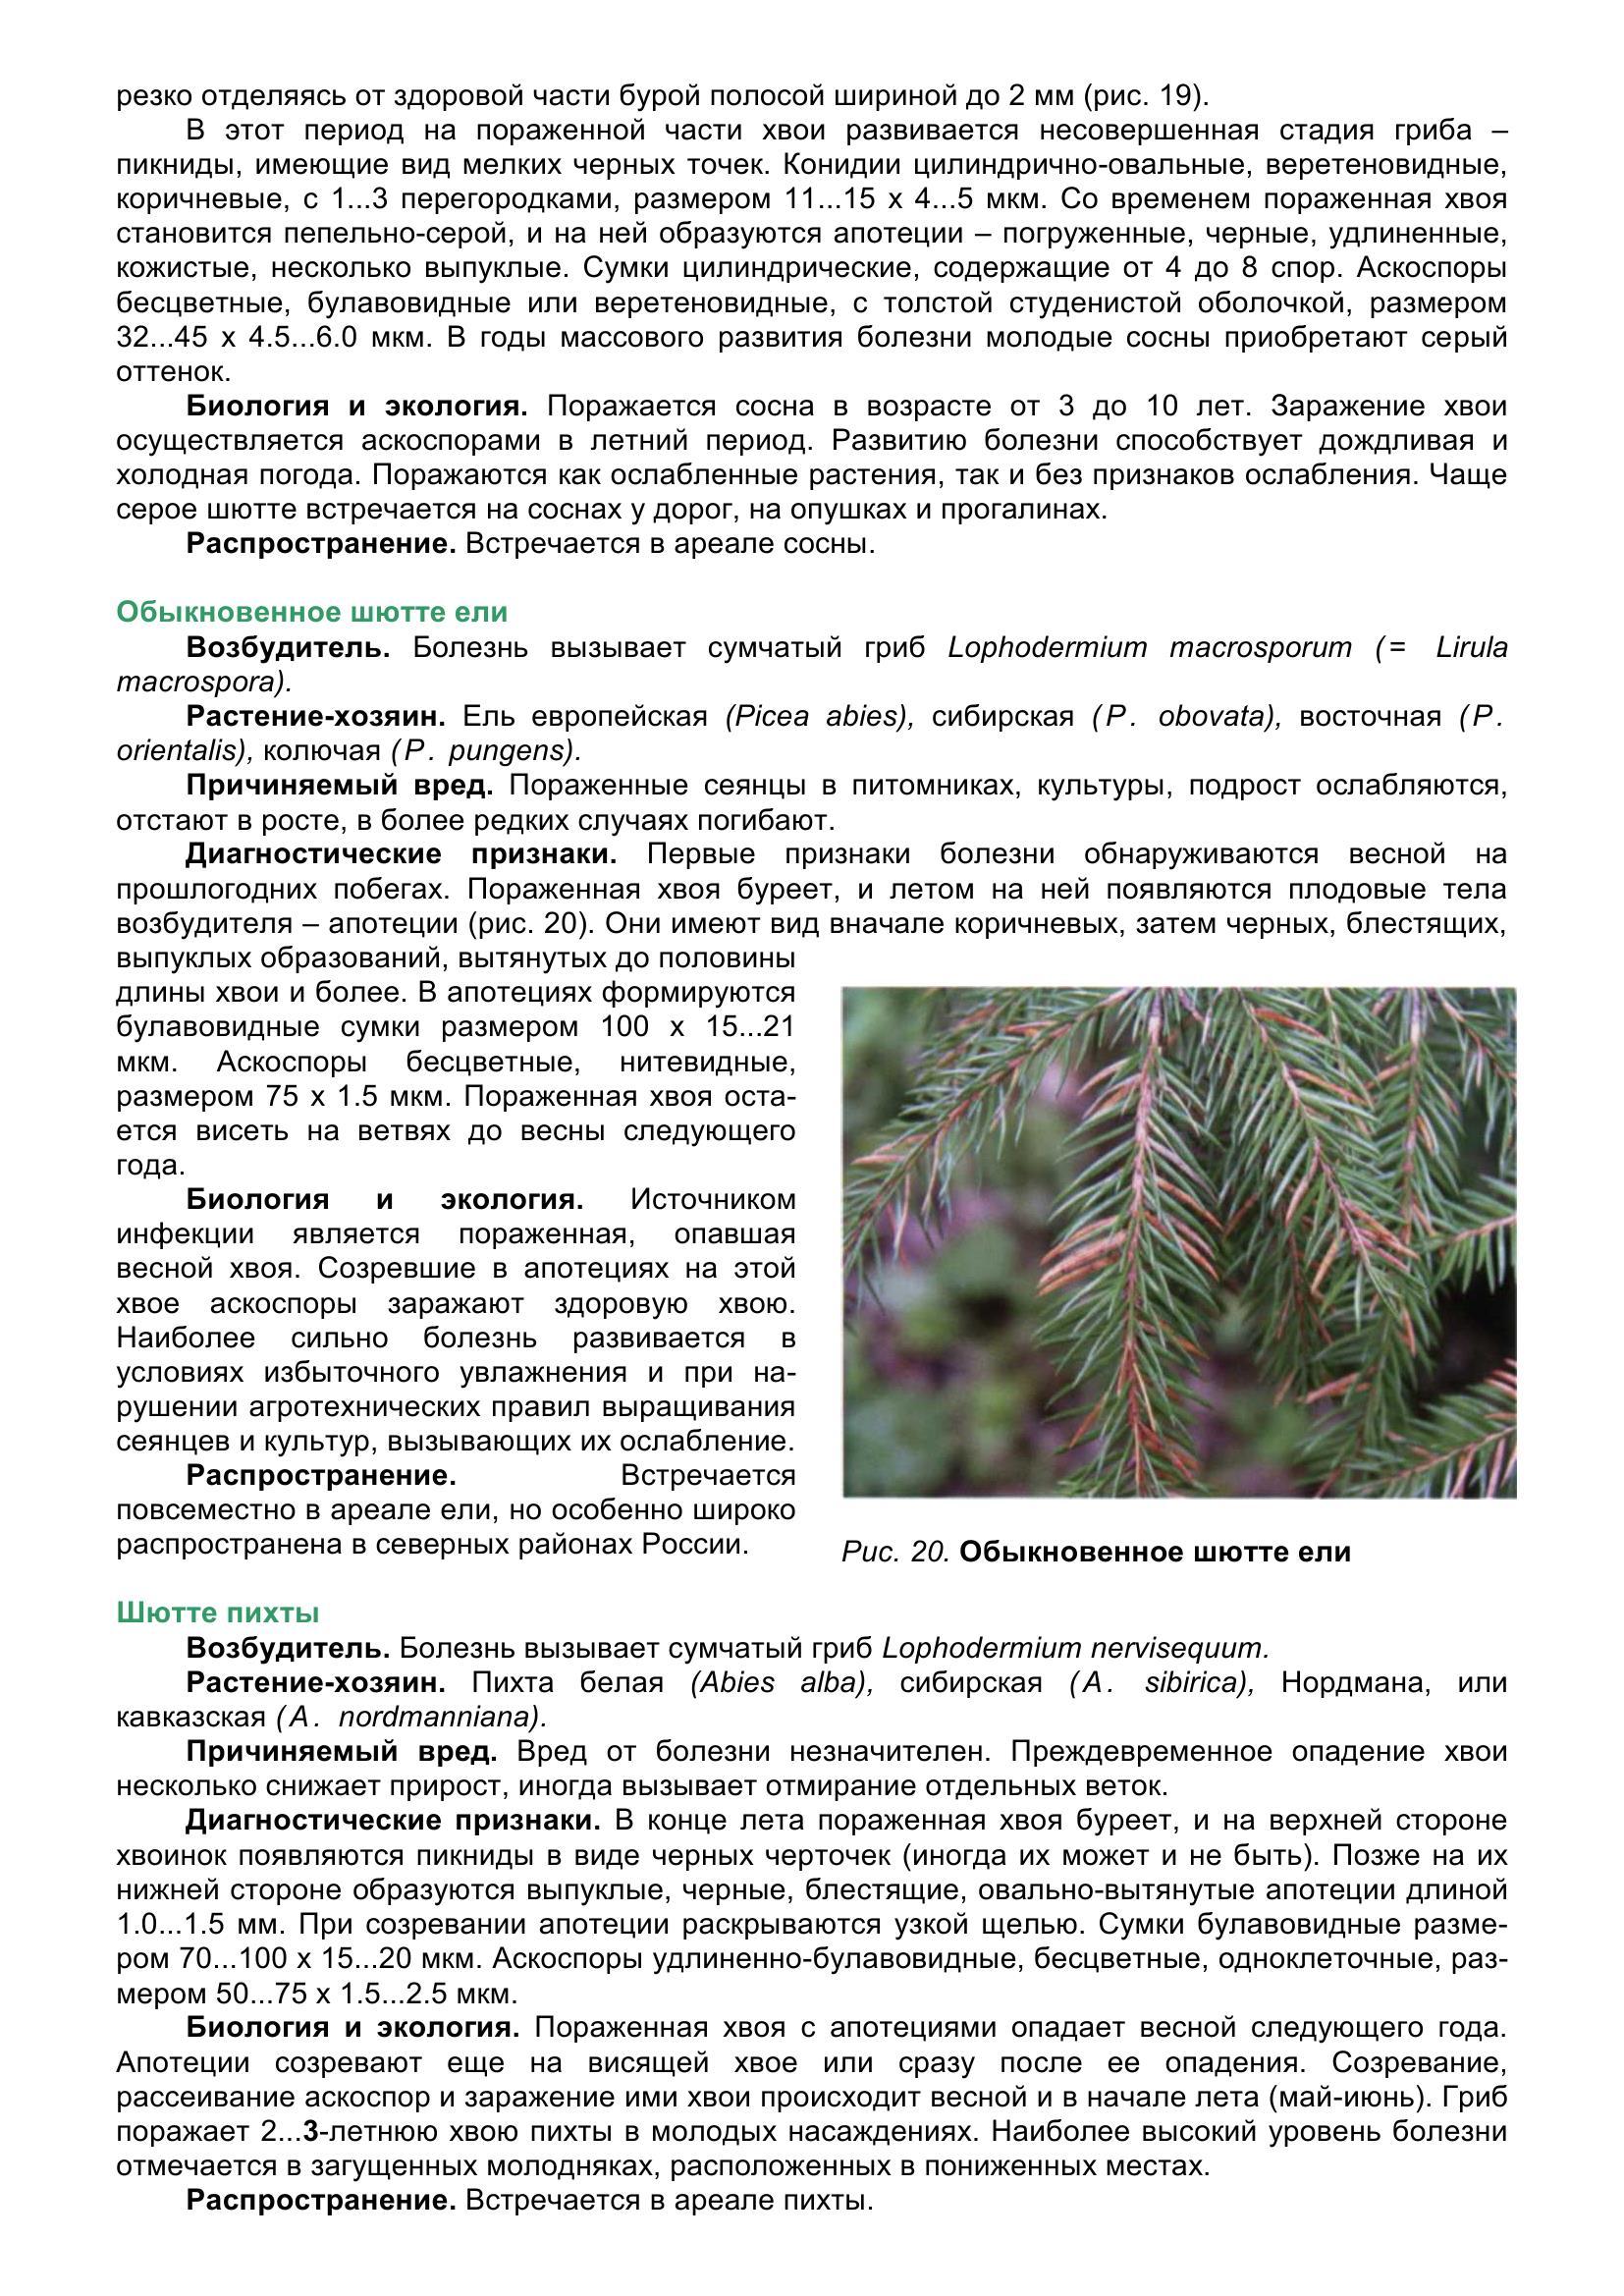 Болезни_древесных_растений_040.jpg